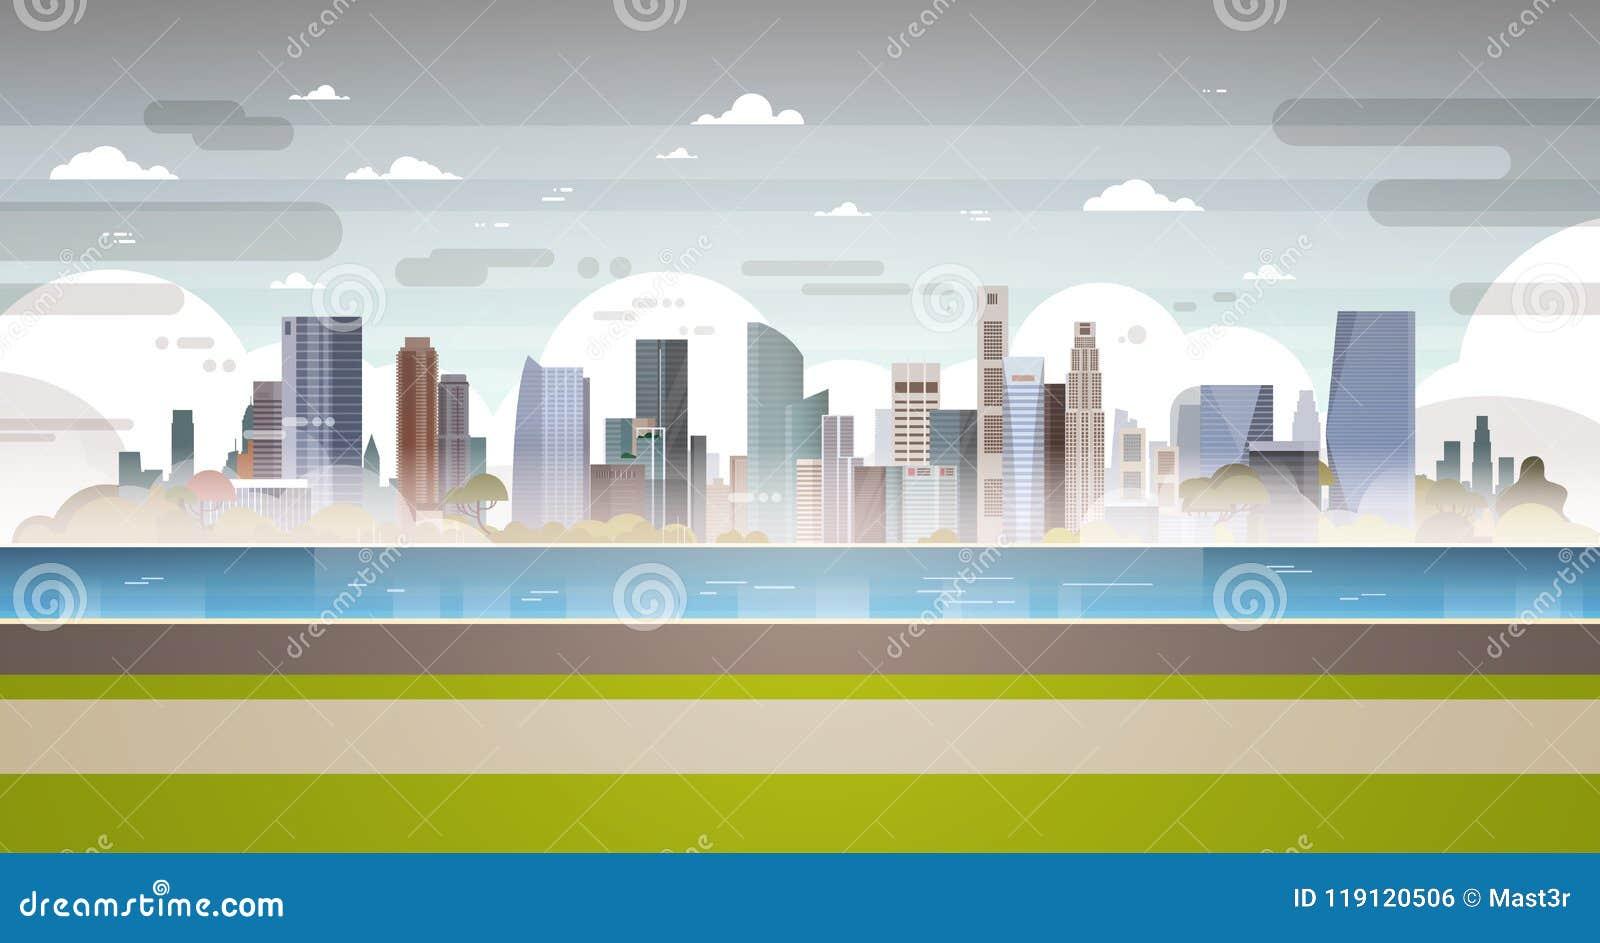 Le acque reflue sporche del tubo della pianta del paesaggio della città di inquinamento atmosferico della natura hanno inquinato